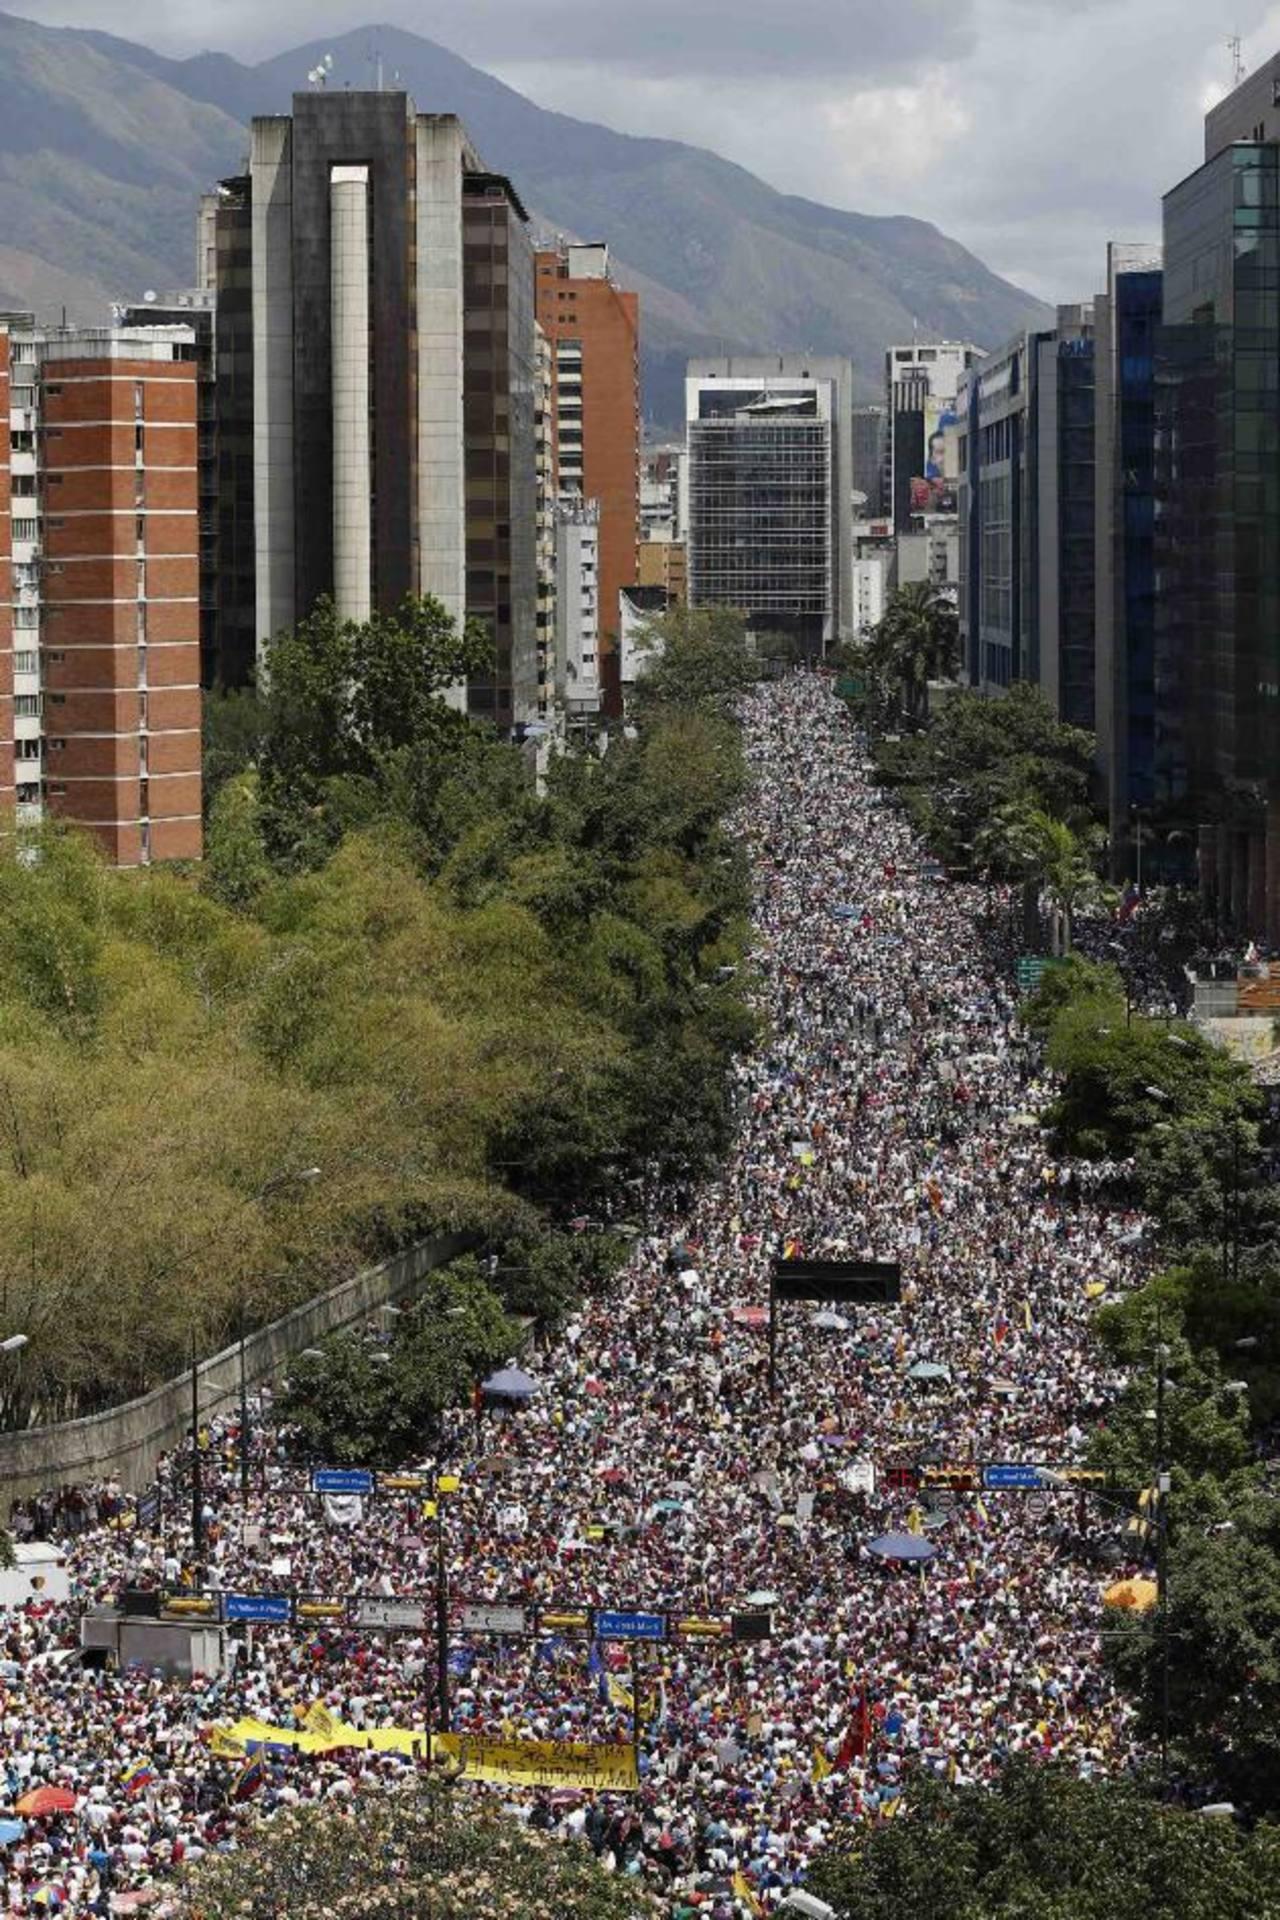 Miles de personas, en su mayoría estudiantes universitarios, marcharon ayer contra del gobierno de Maduro en Caracas. foto edh / REUTERS